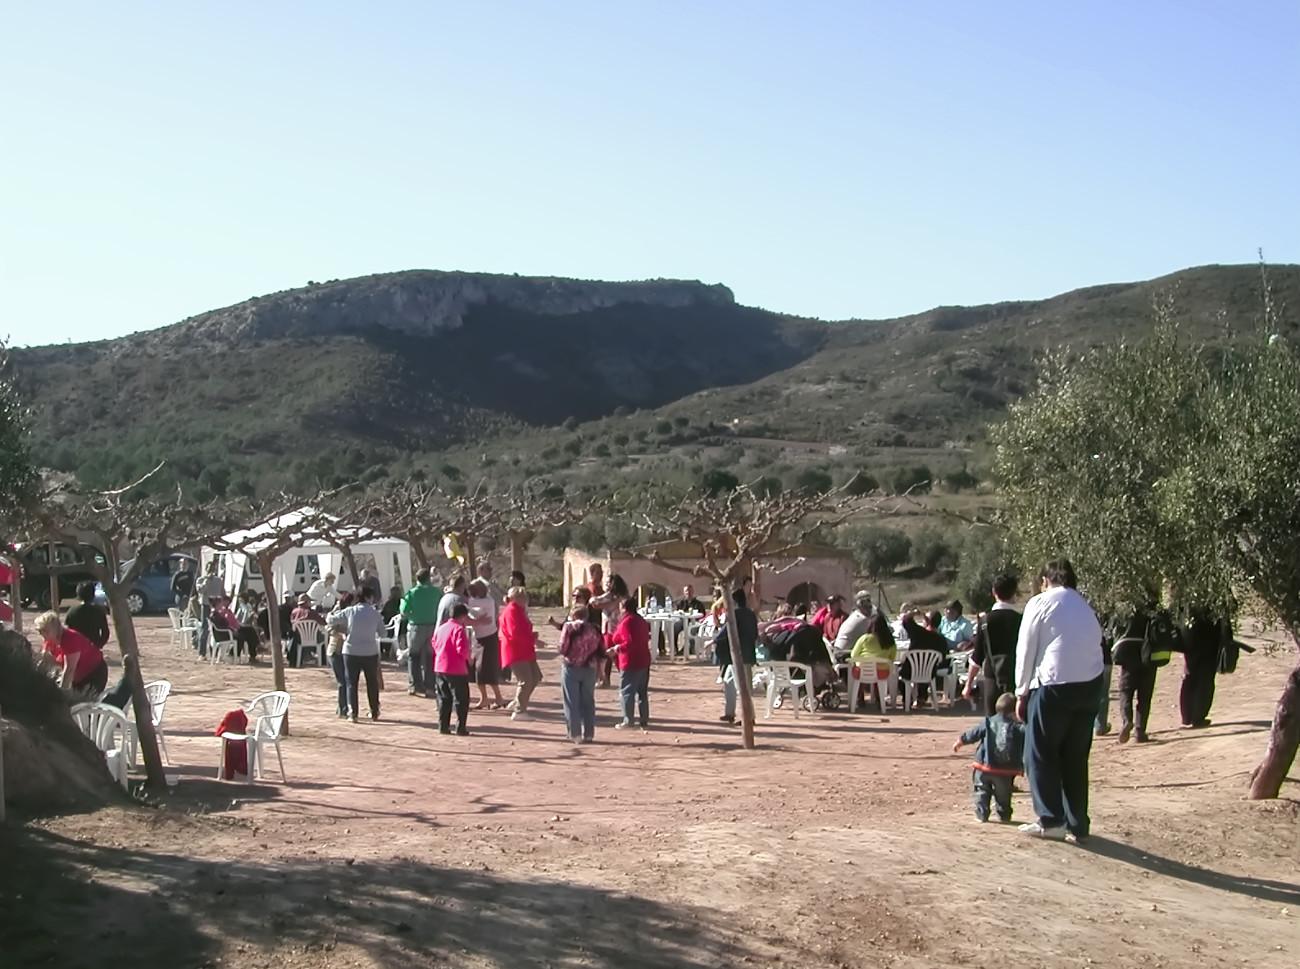 A local fiesta in El Molar